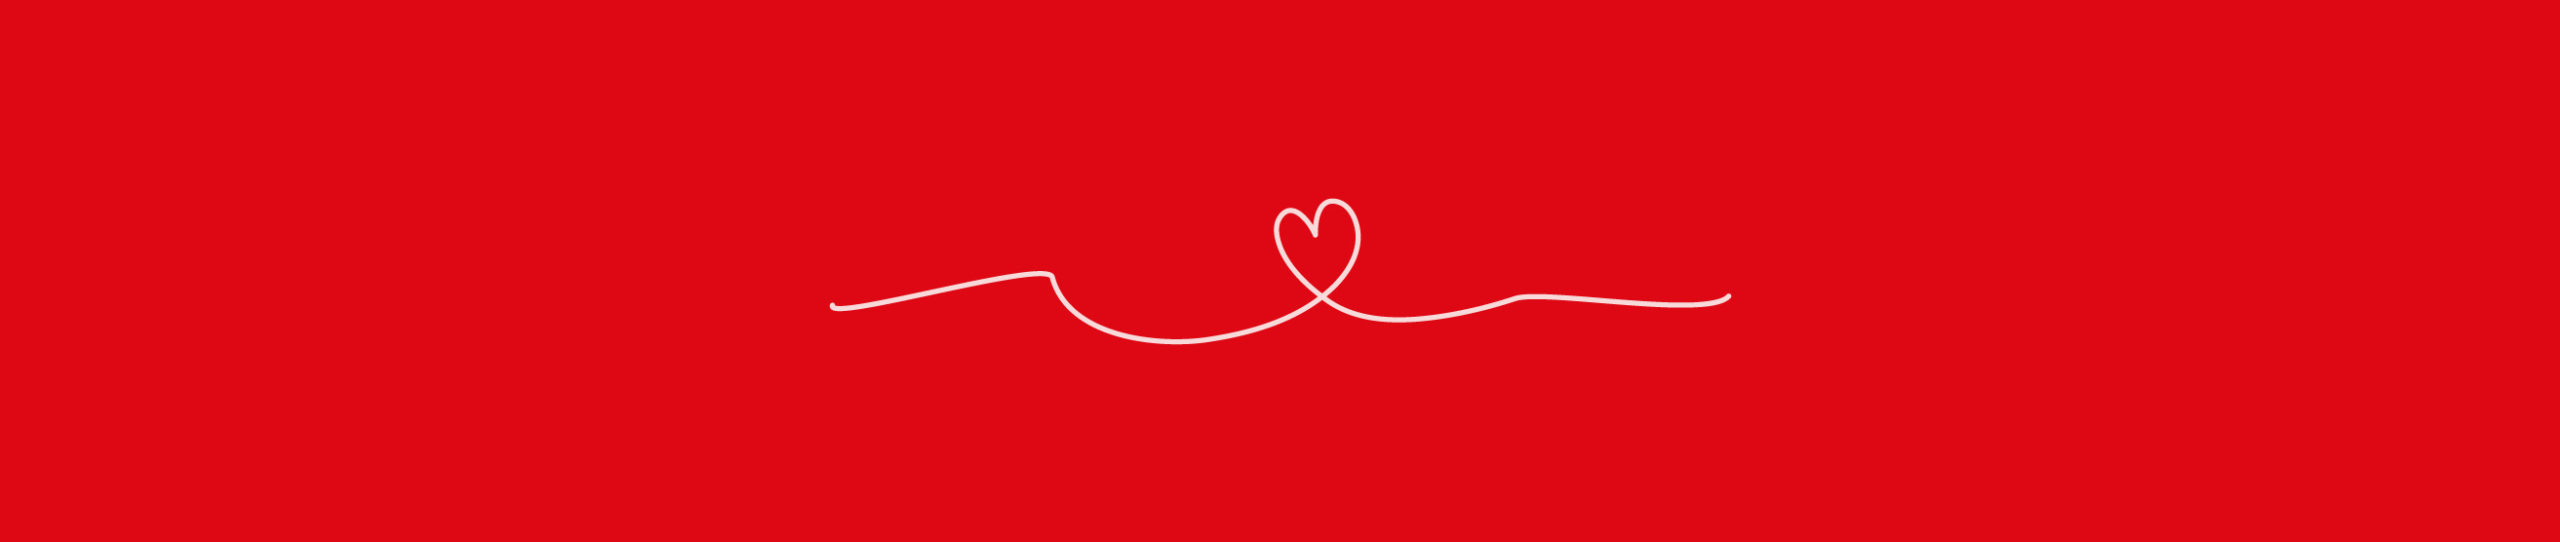 logo identité visuelle eve centre communautaire pour femmes brandboard